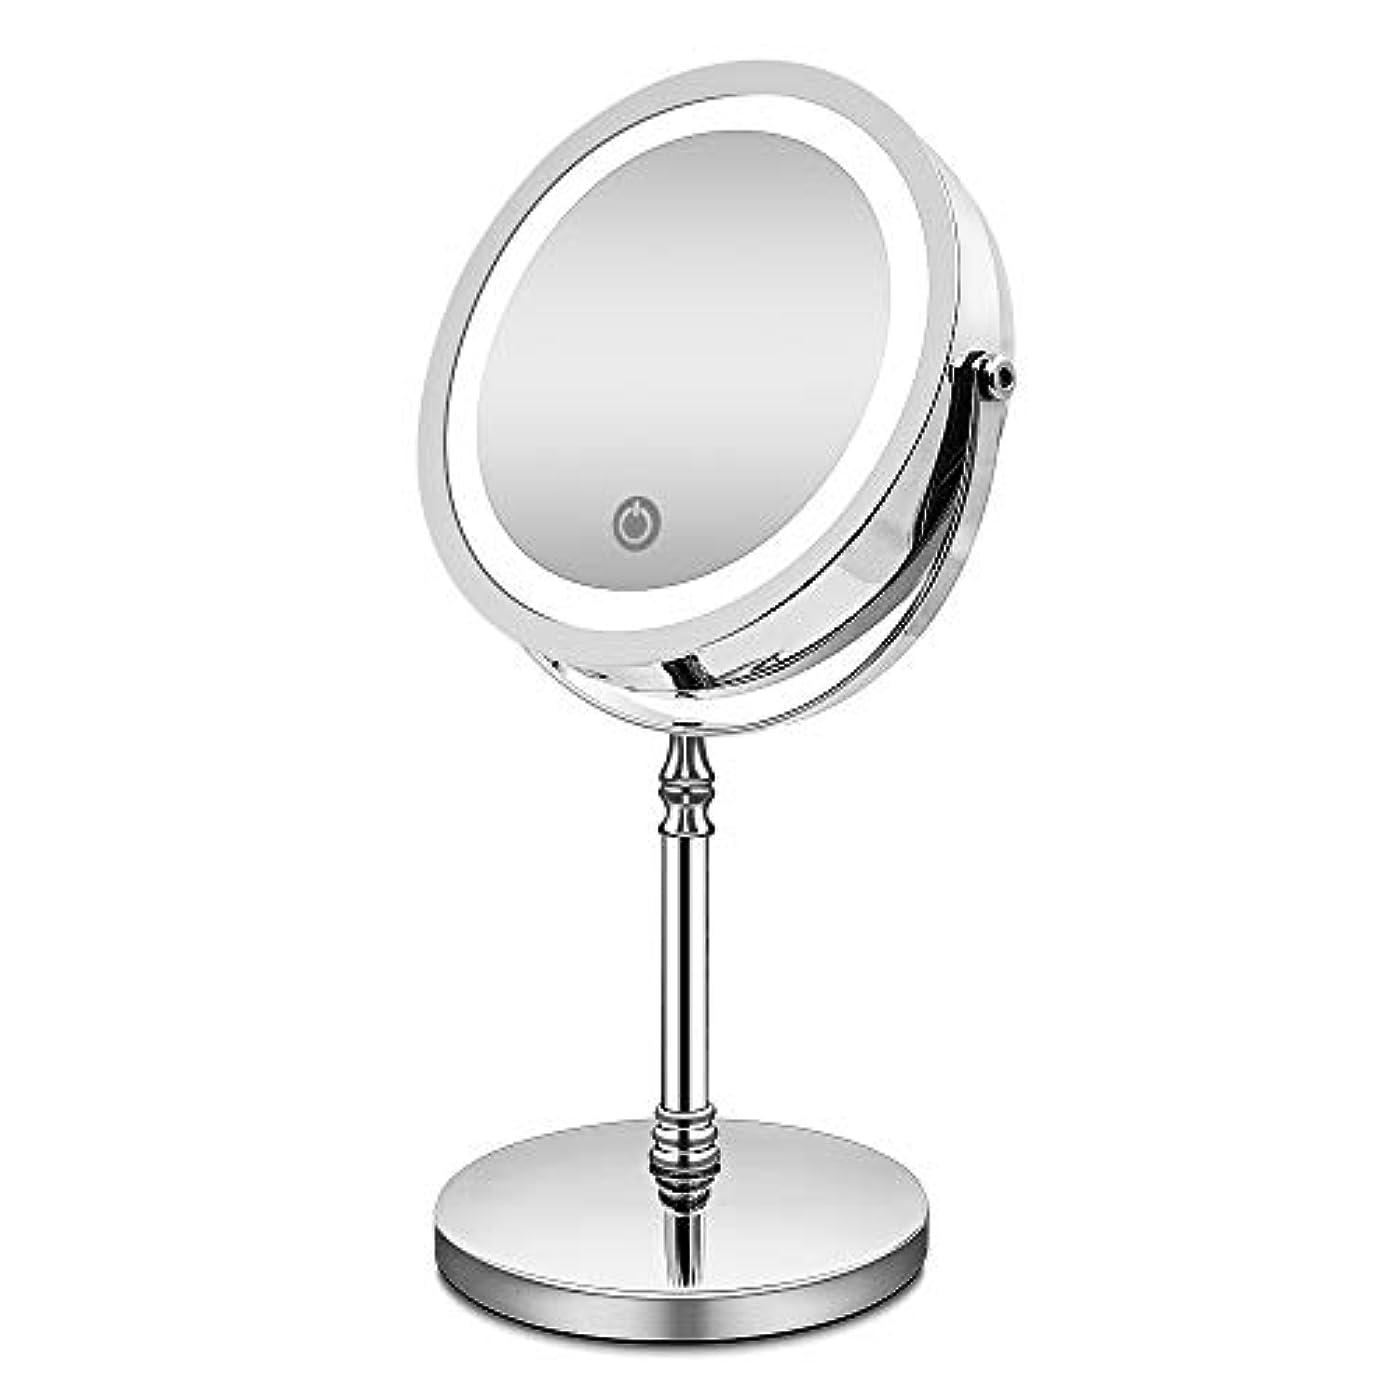 ロースト感心する分離化粧鏡 10倍 拡大鏡 付き led ミラー LED 両面 鏡 卓上 スタンドミラー メイク 3 WAY給電 曇らないミラー 360度回転 北欧風 電池&USB 日本語取扱説明書付き (改良版)